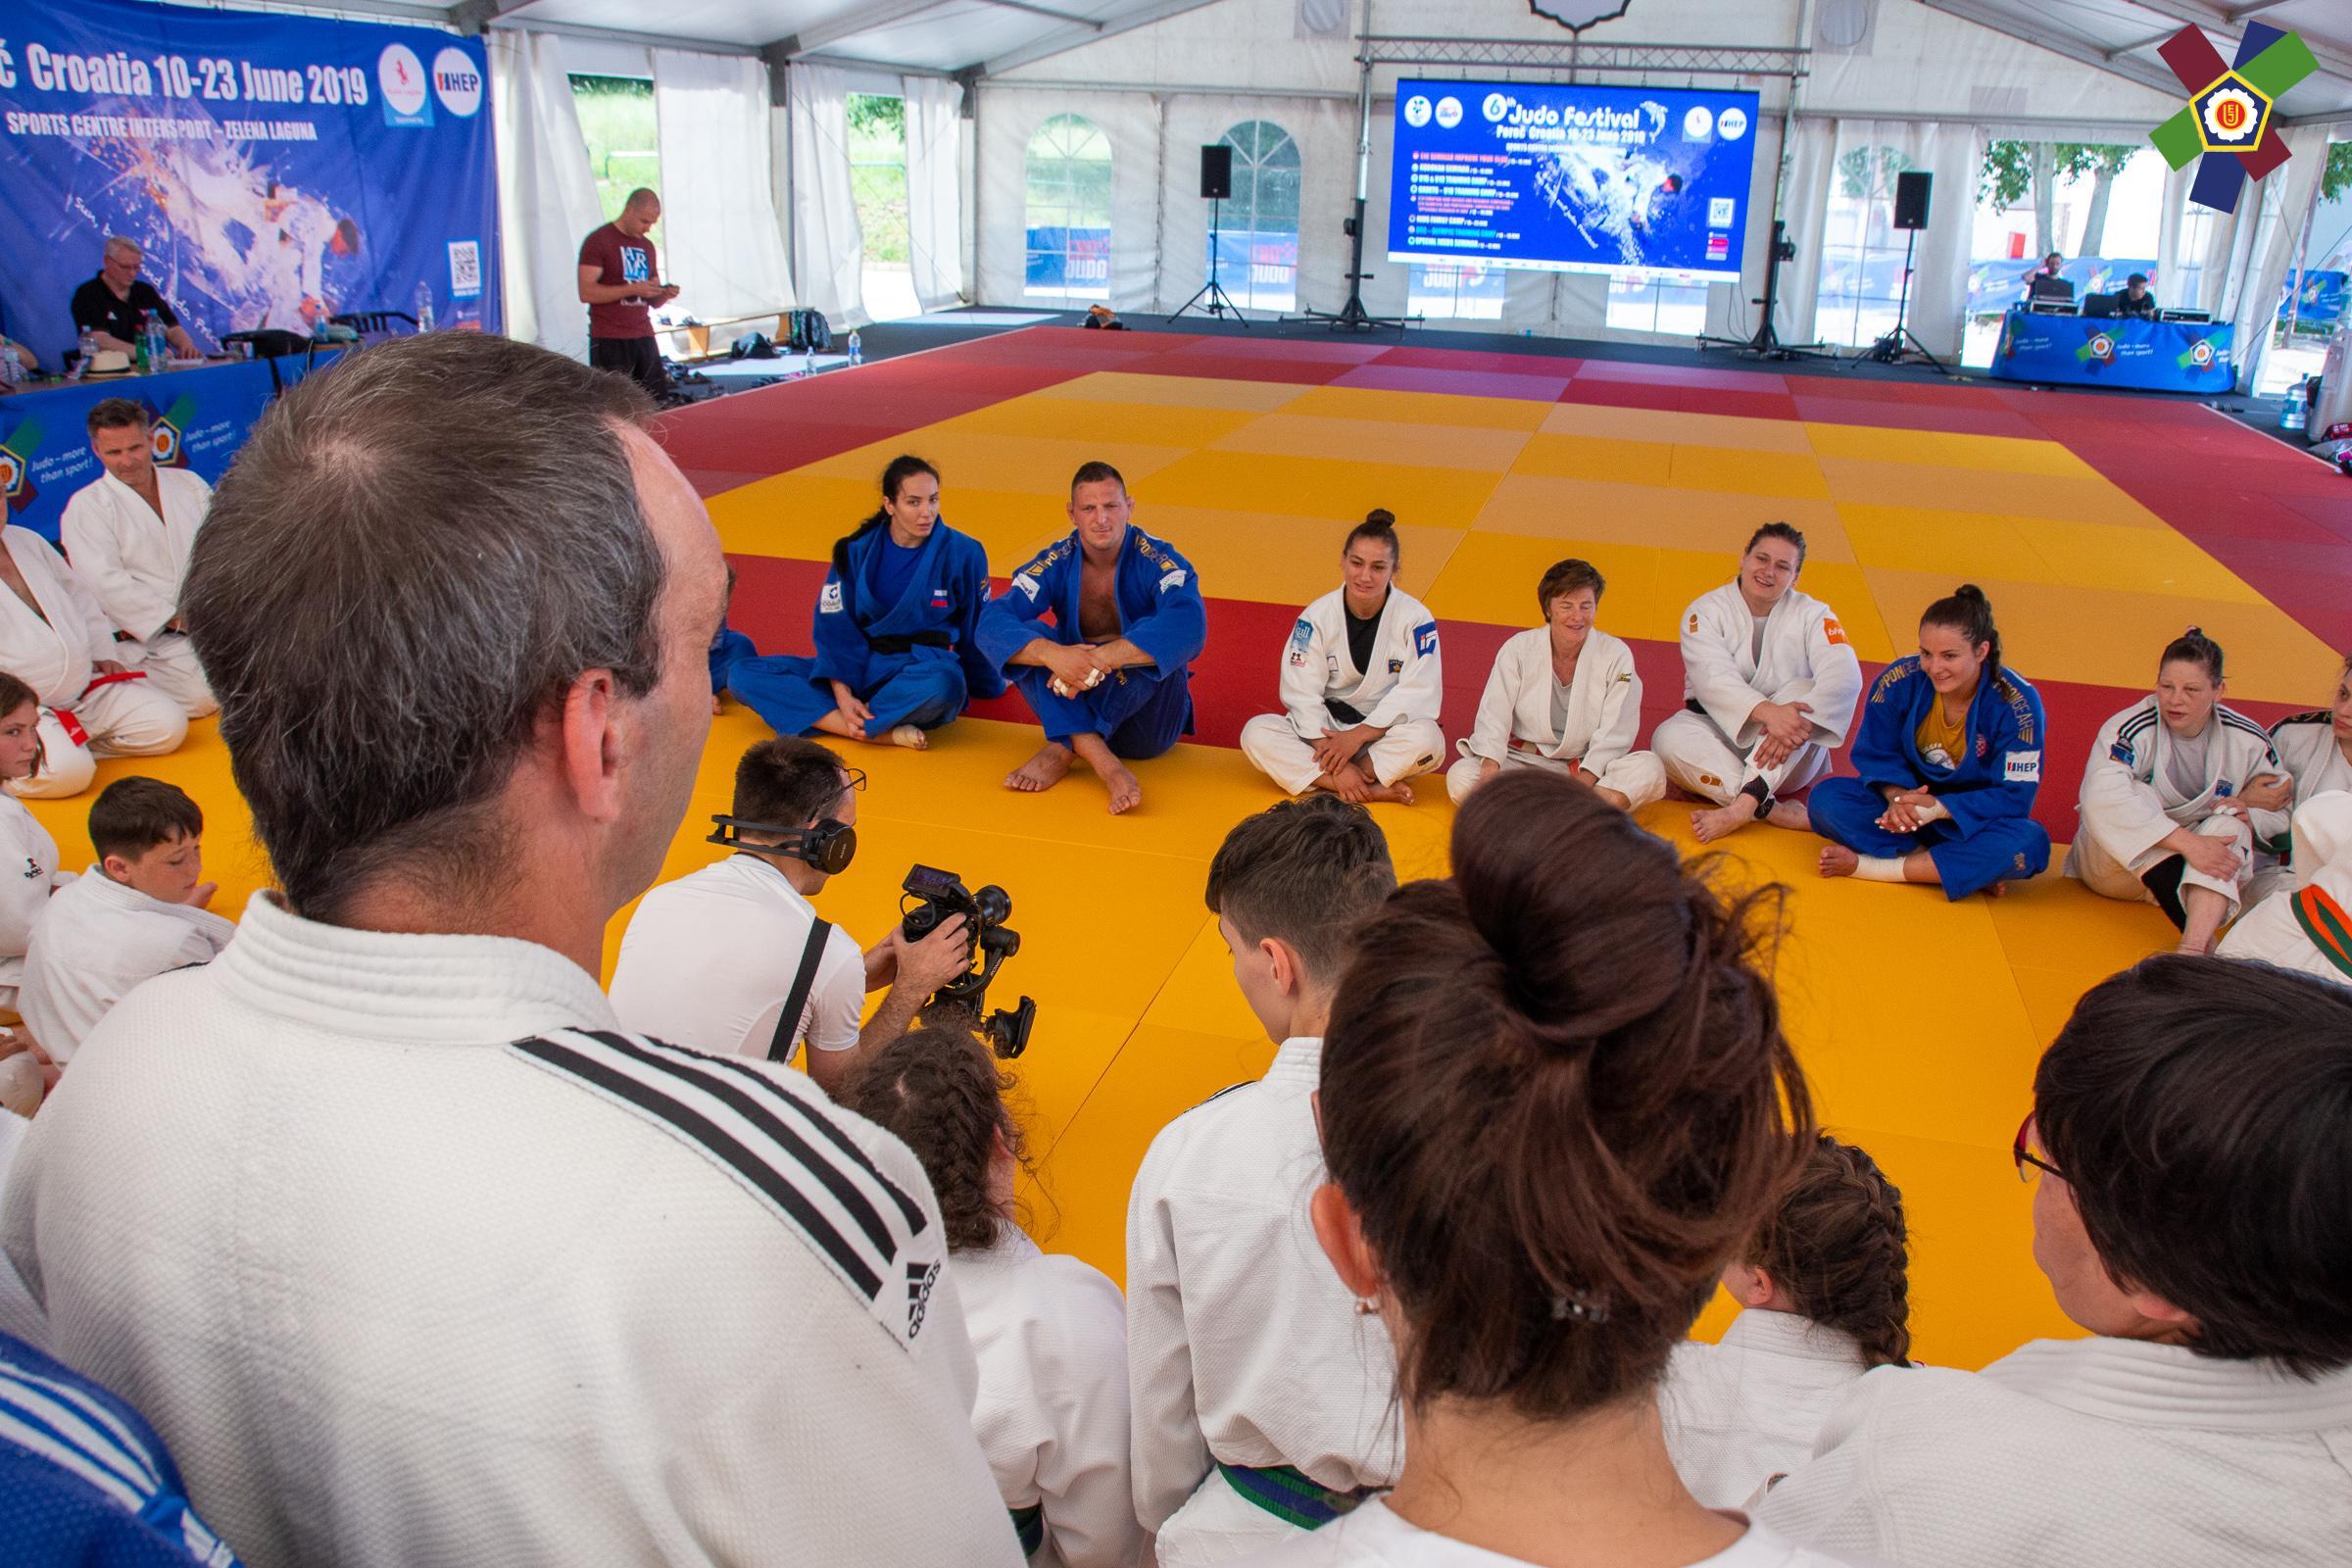 EJU-6th--Judo-Festival-Porec-2019-06-10-Sören-Starke-366035